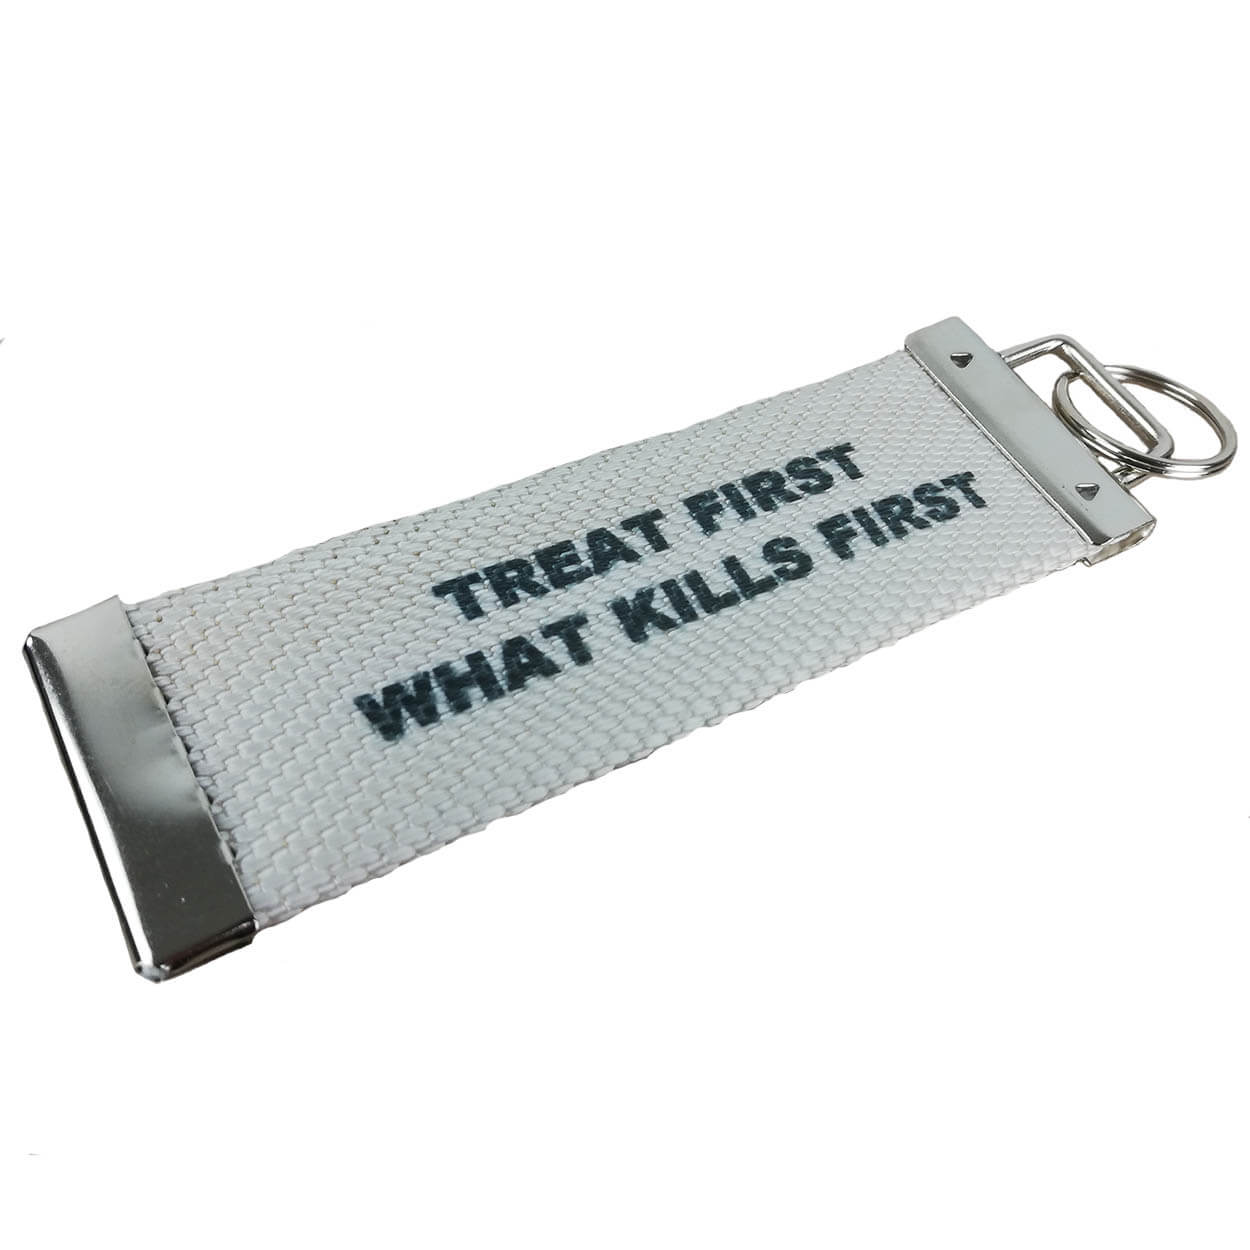 Treat first what kills first - Schlüssel-Anhänger